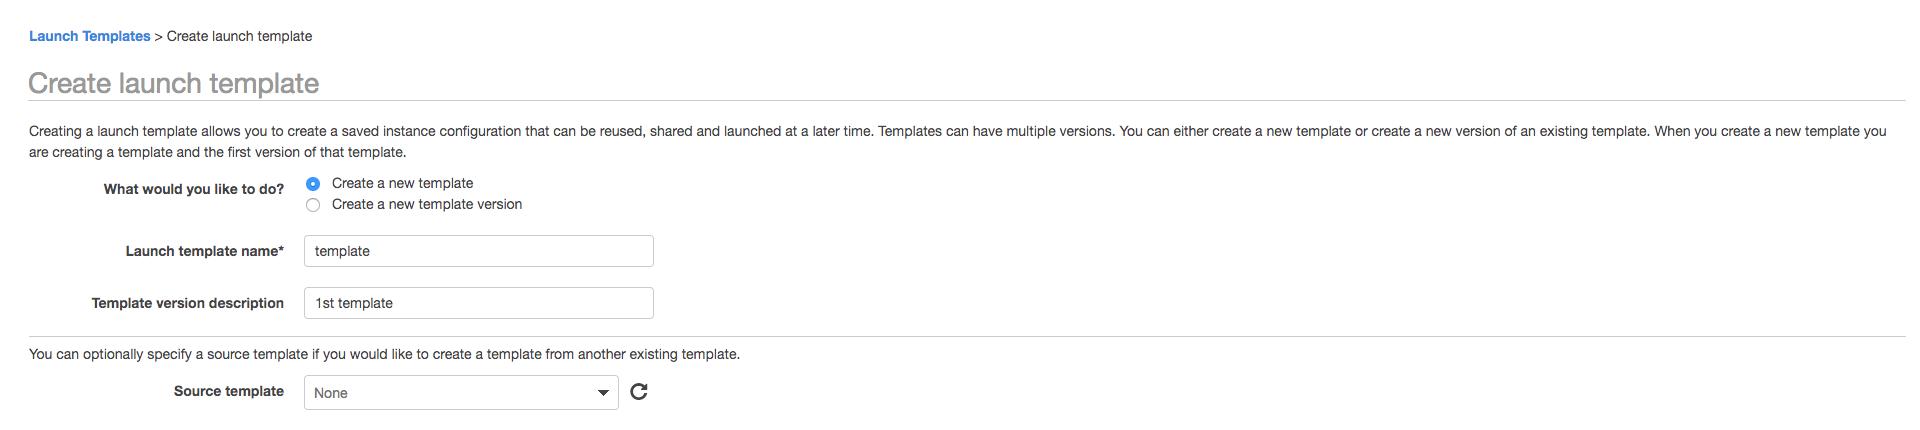 新機能 launch templates for amazon ec2 instancesを試してみた